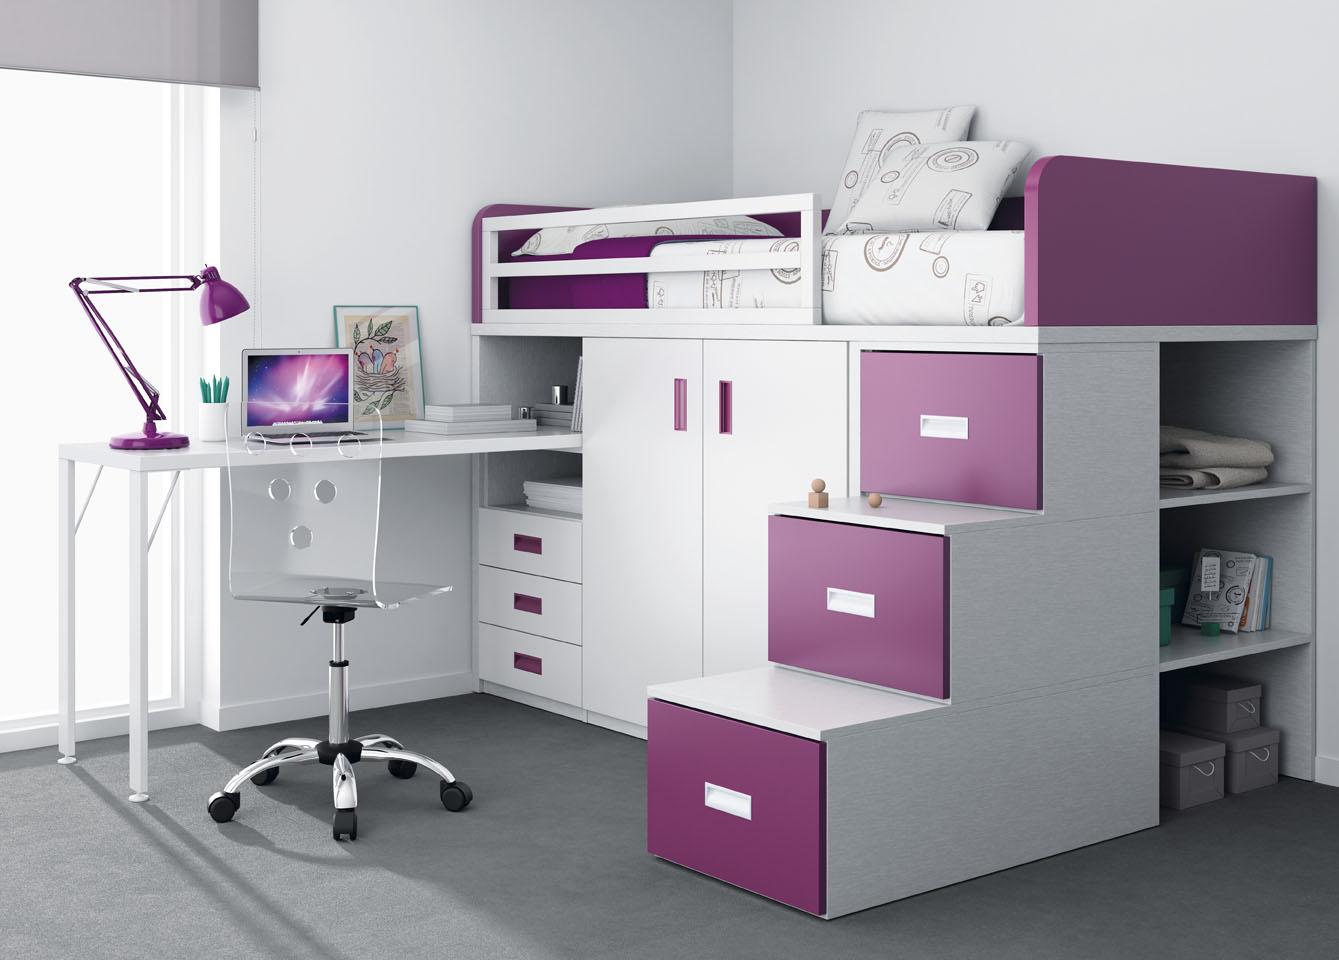 Literas muebles ros for Armarios almacenaje baratos